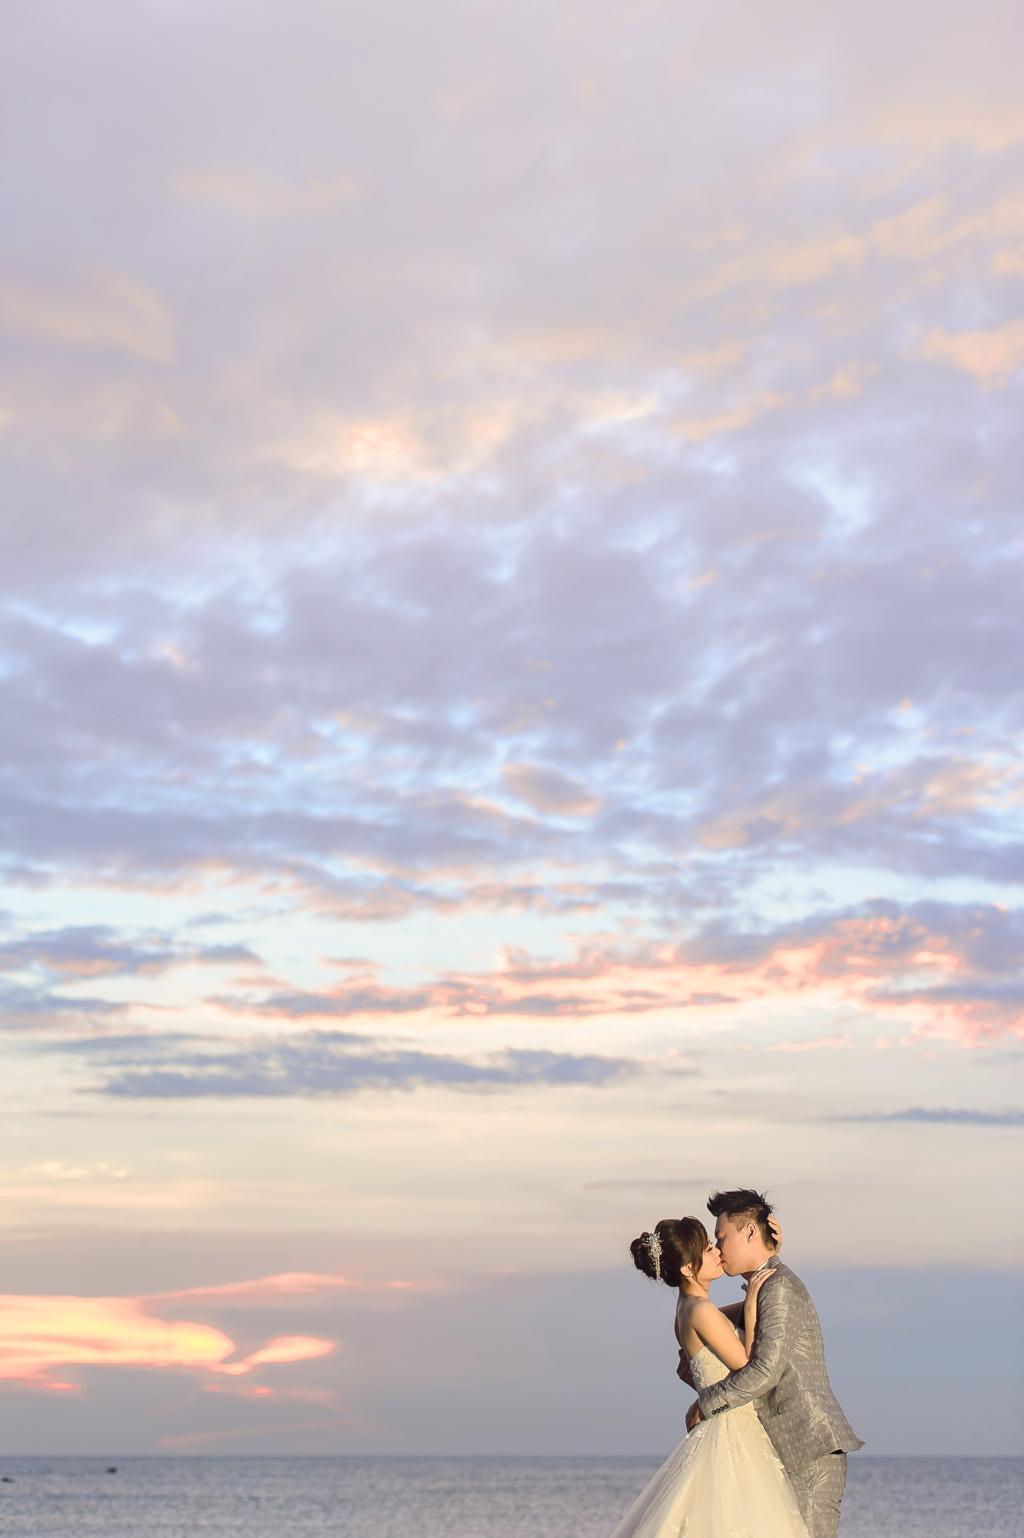 婚攝小勇,小寶團隊, 愛瑞思,Ariesy, 自助婚紗-014